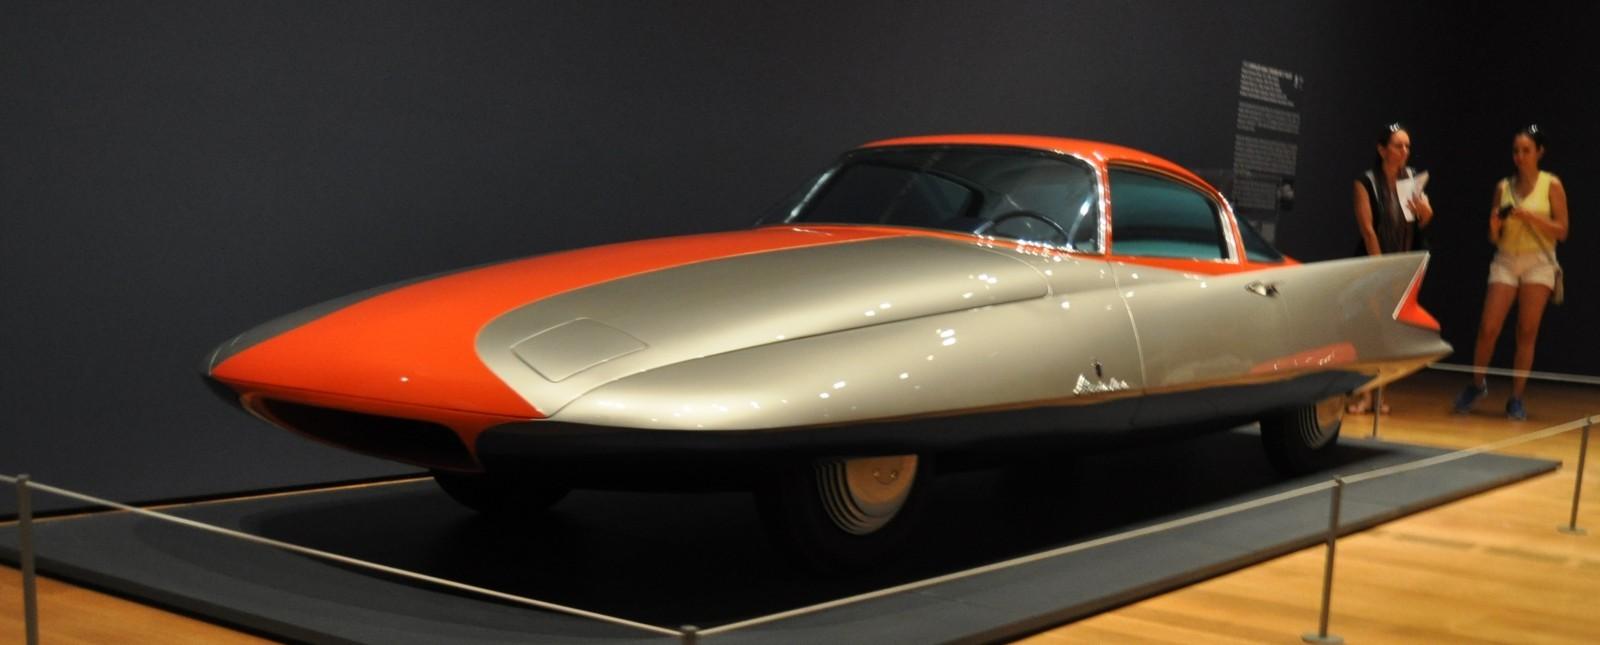 Atlanta Dream Cars - 1955 Chrysler Streamline X Ghilda by GHIA is Turbine Car Ideal 23